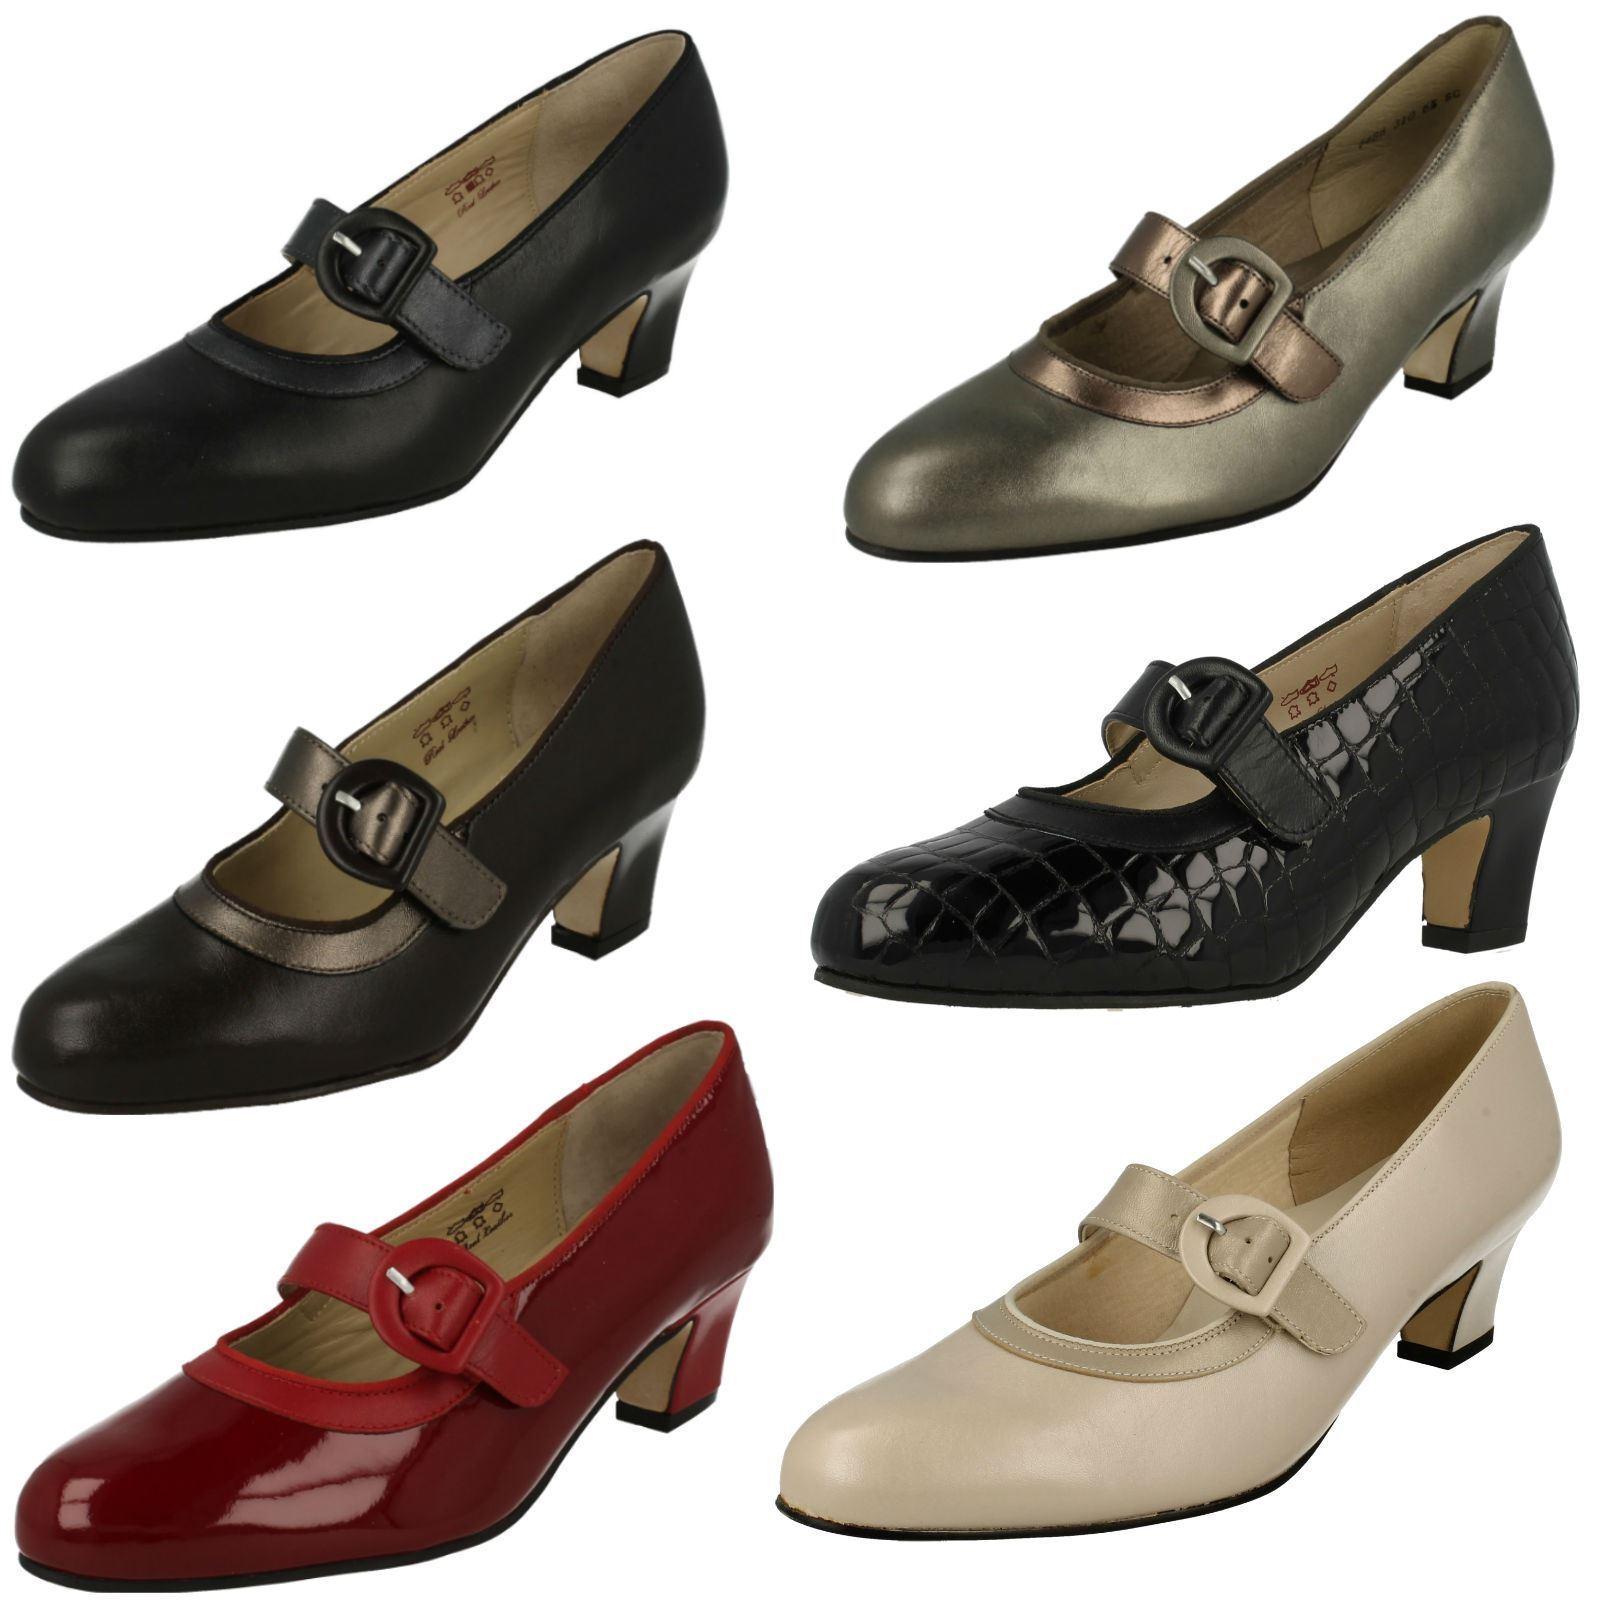 Señoras equidad Ancho del Tribunal Tribunal Tribunal Zapatos  Maxine   orden en línea